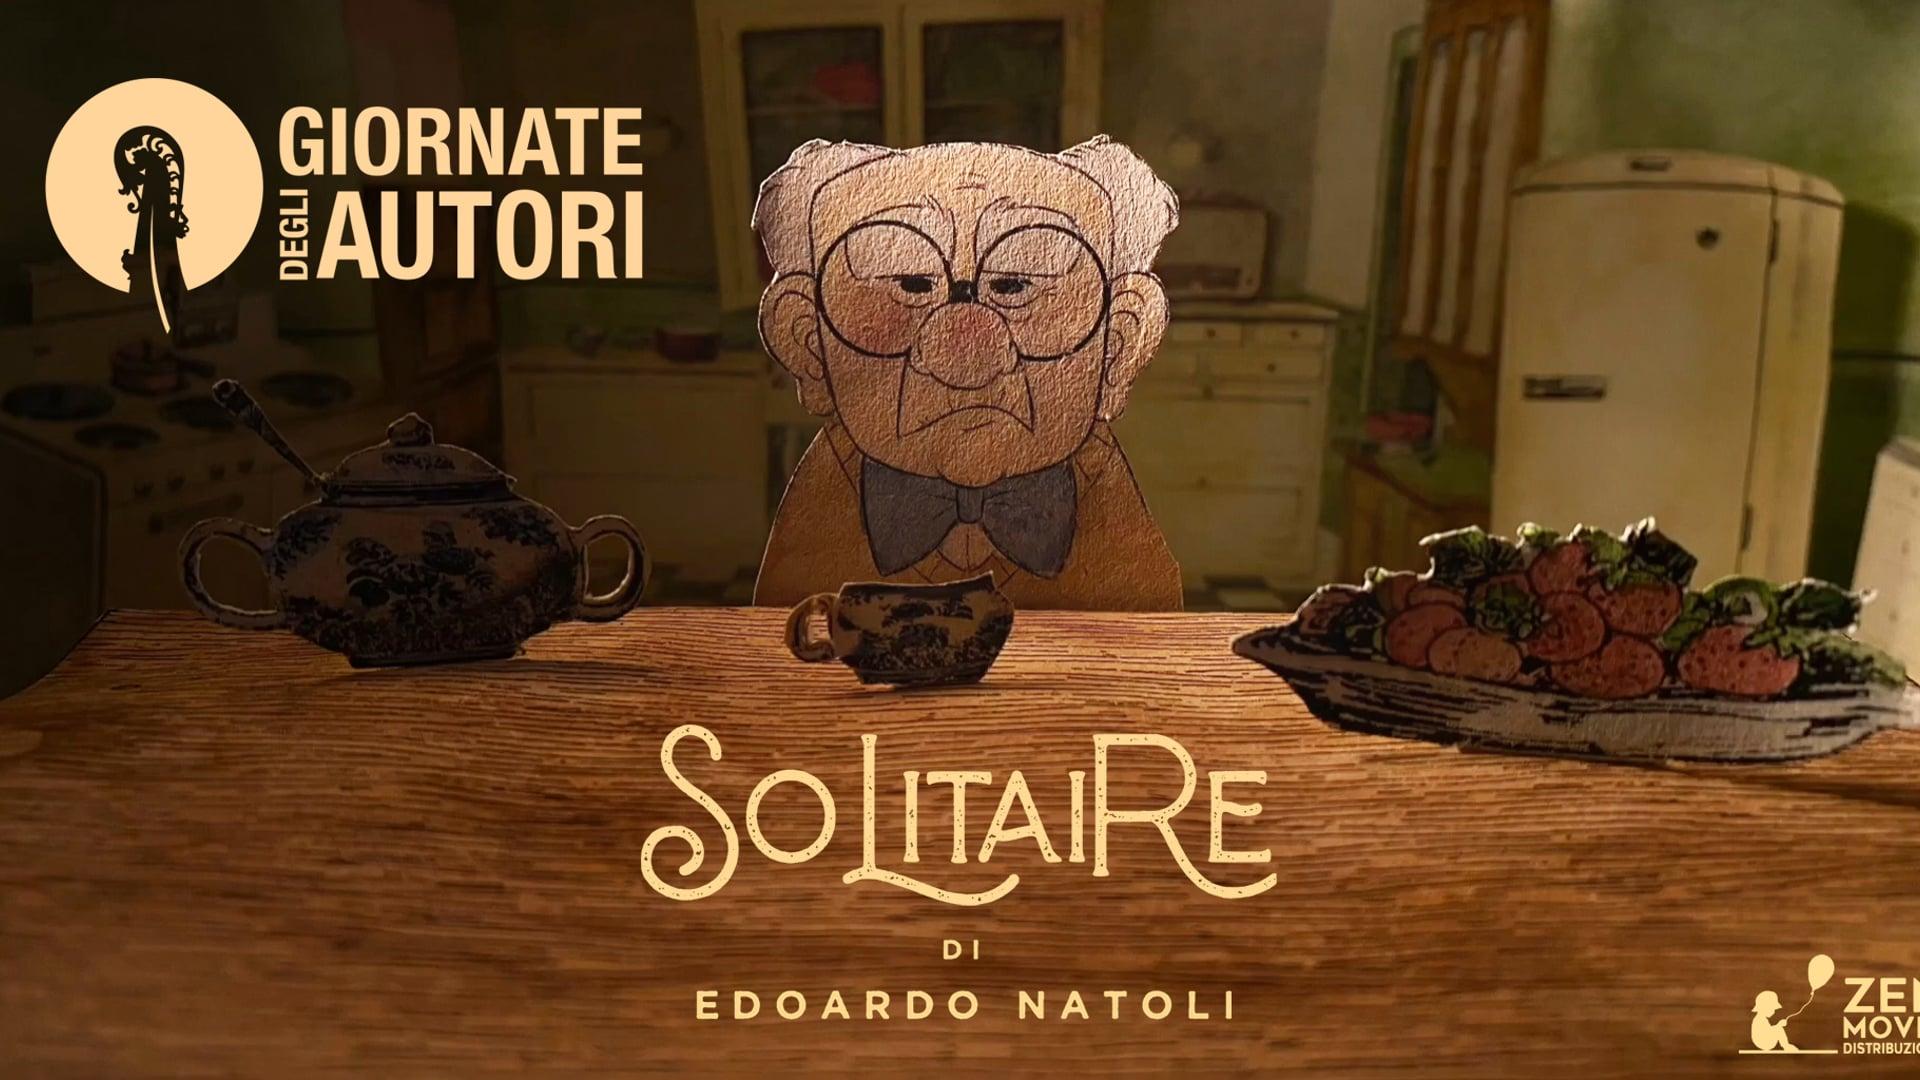 SOLITAIRE (Italy, 2020) by Edoardo Natoli - Trailer